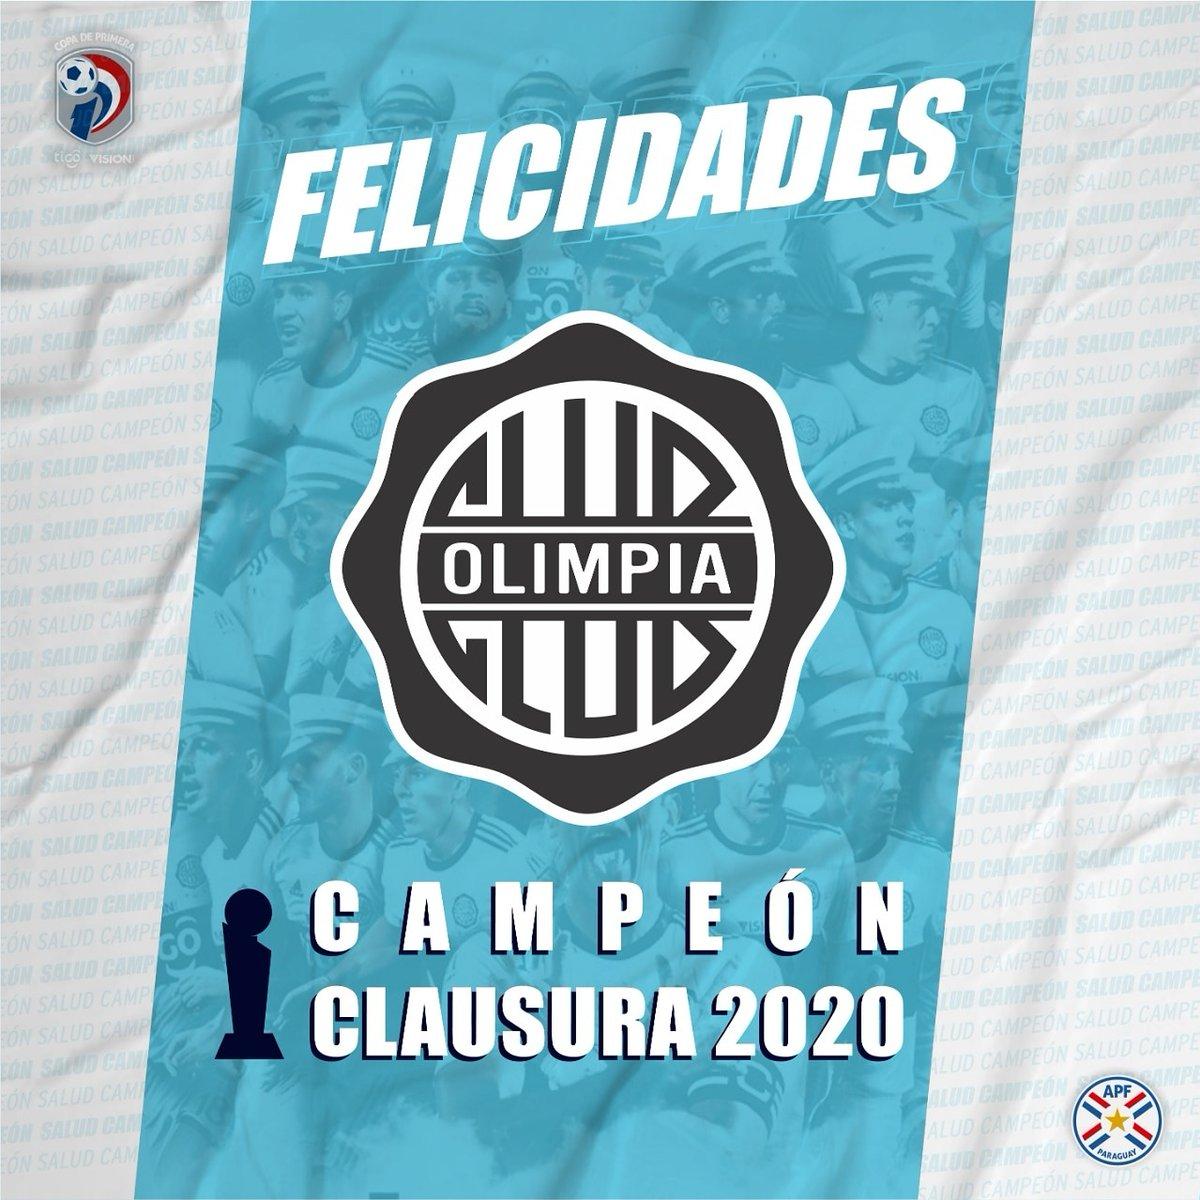 🙌🏼 Salud Campeón 🏆 @elClubOlimpia 🎉Felicidades por la obtención del título del torneo @copadeprimeraapf Clausura 2020 https://t.co/BFBDdNe0wv